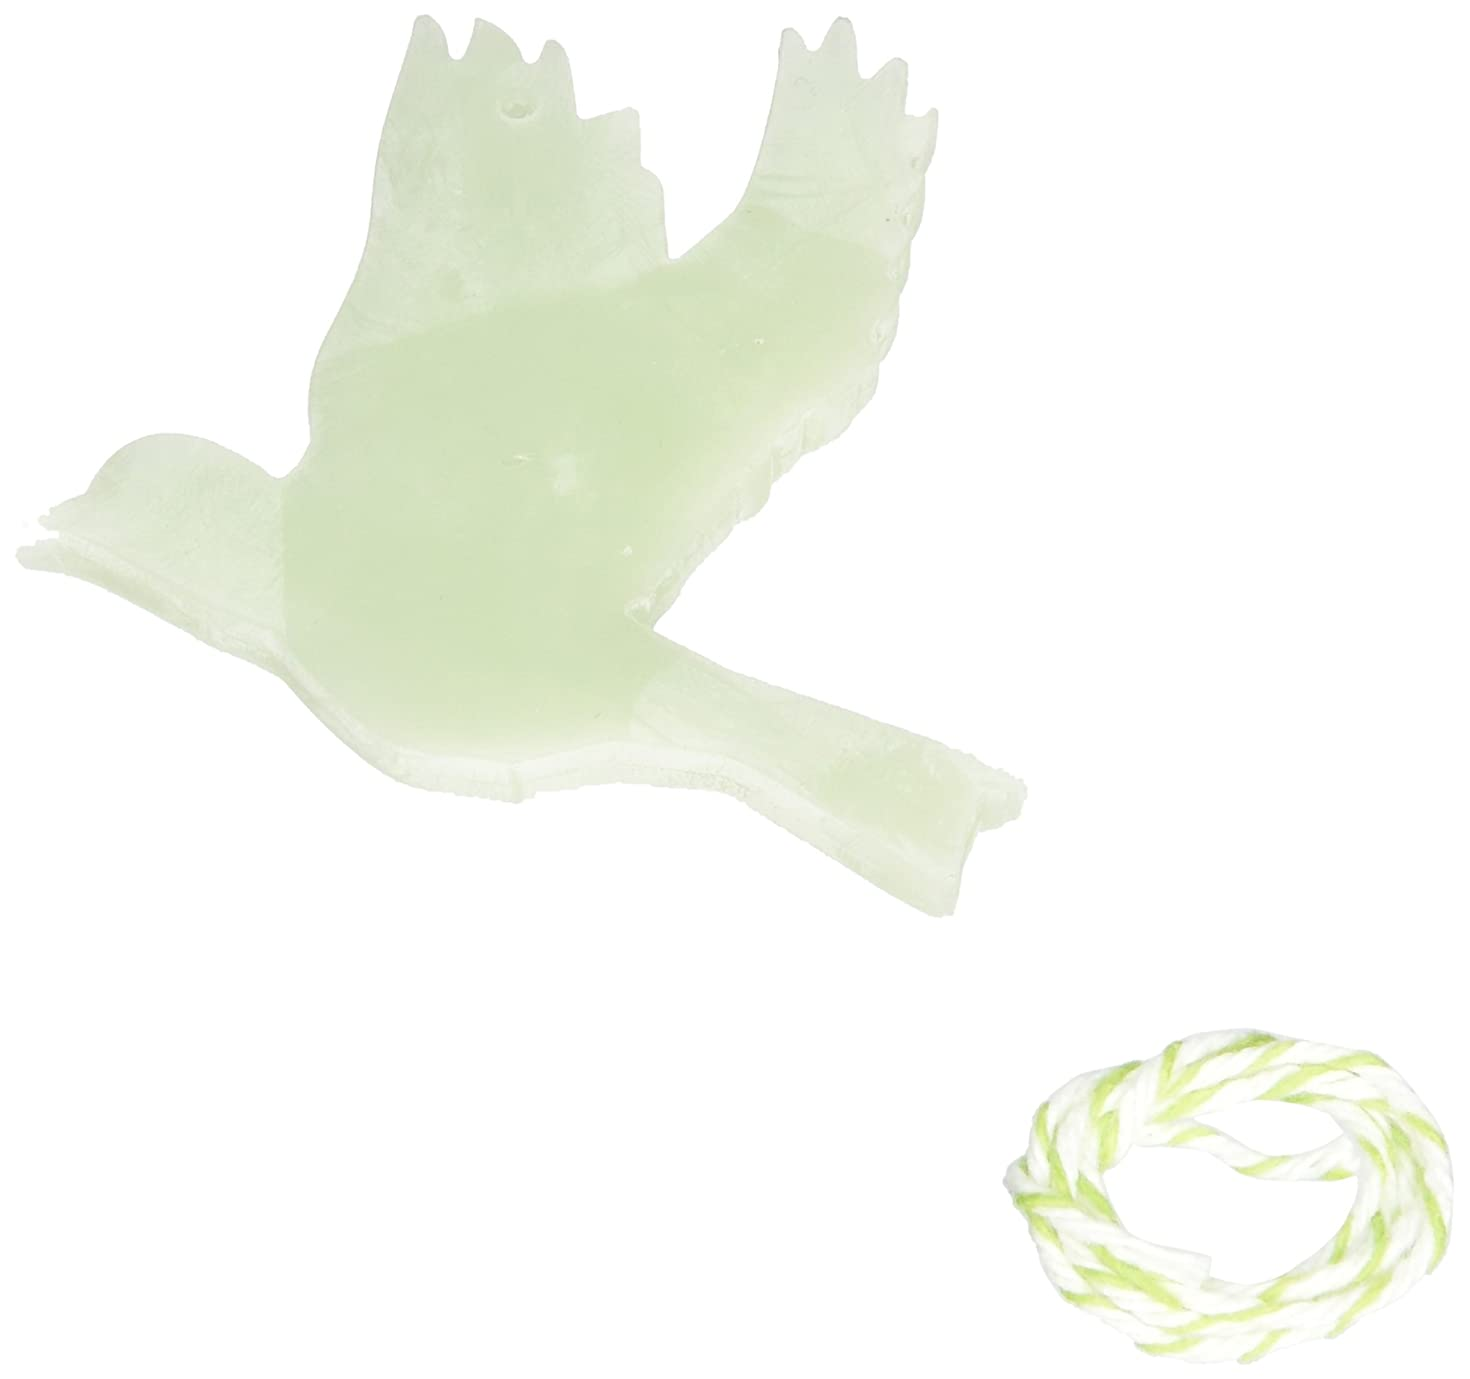 褒賞極めてタイマーGRASSE TOKYO AROMATICWAXチャーム「ハト」(GR) レモングラス アロマティックワックス グラーストウキョウ